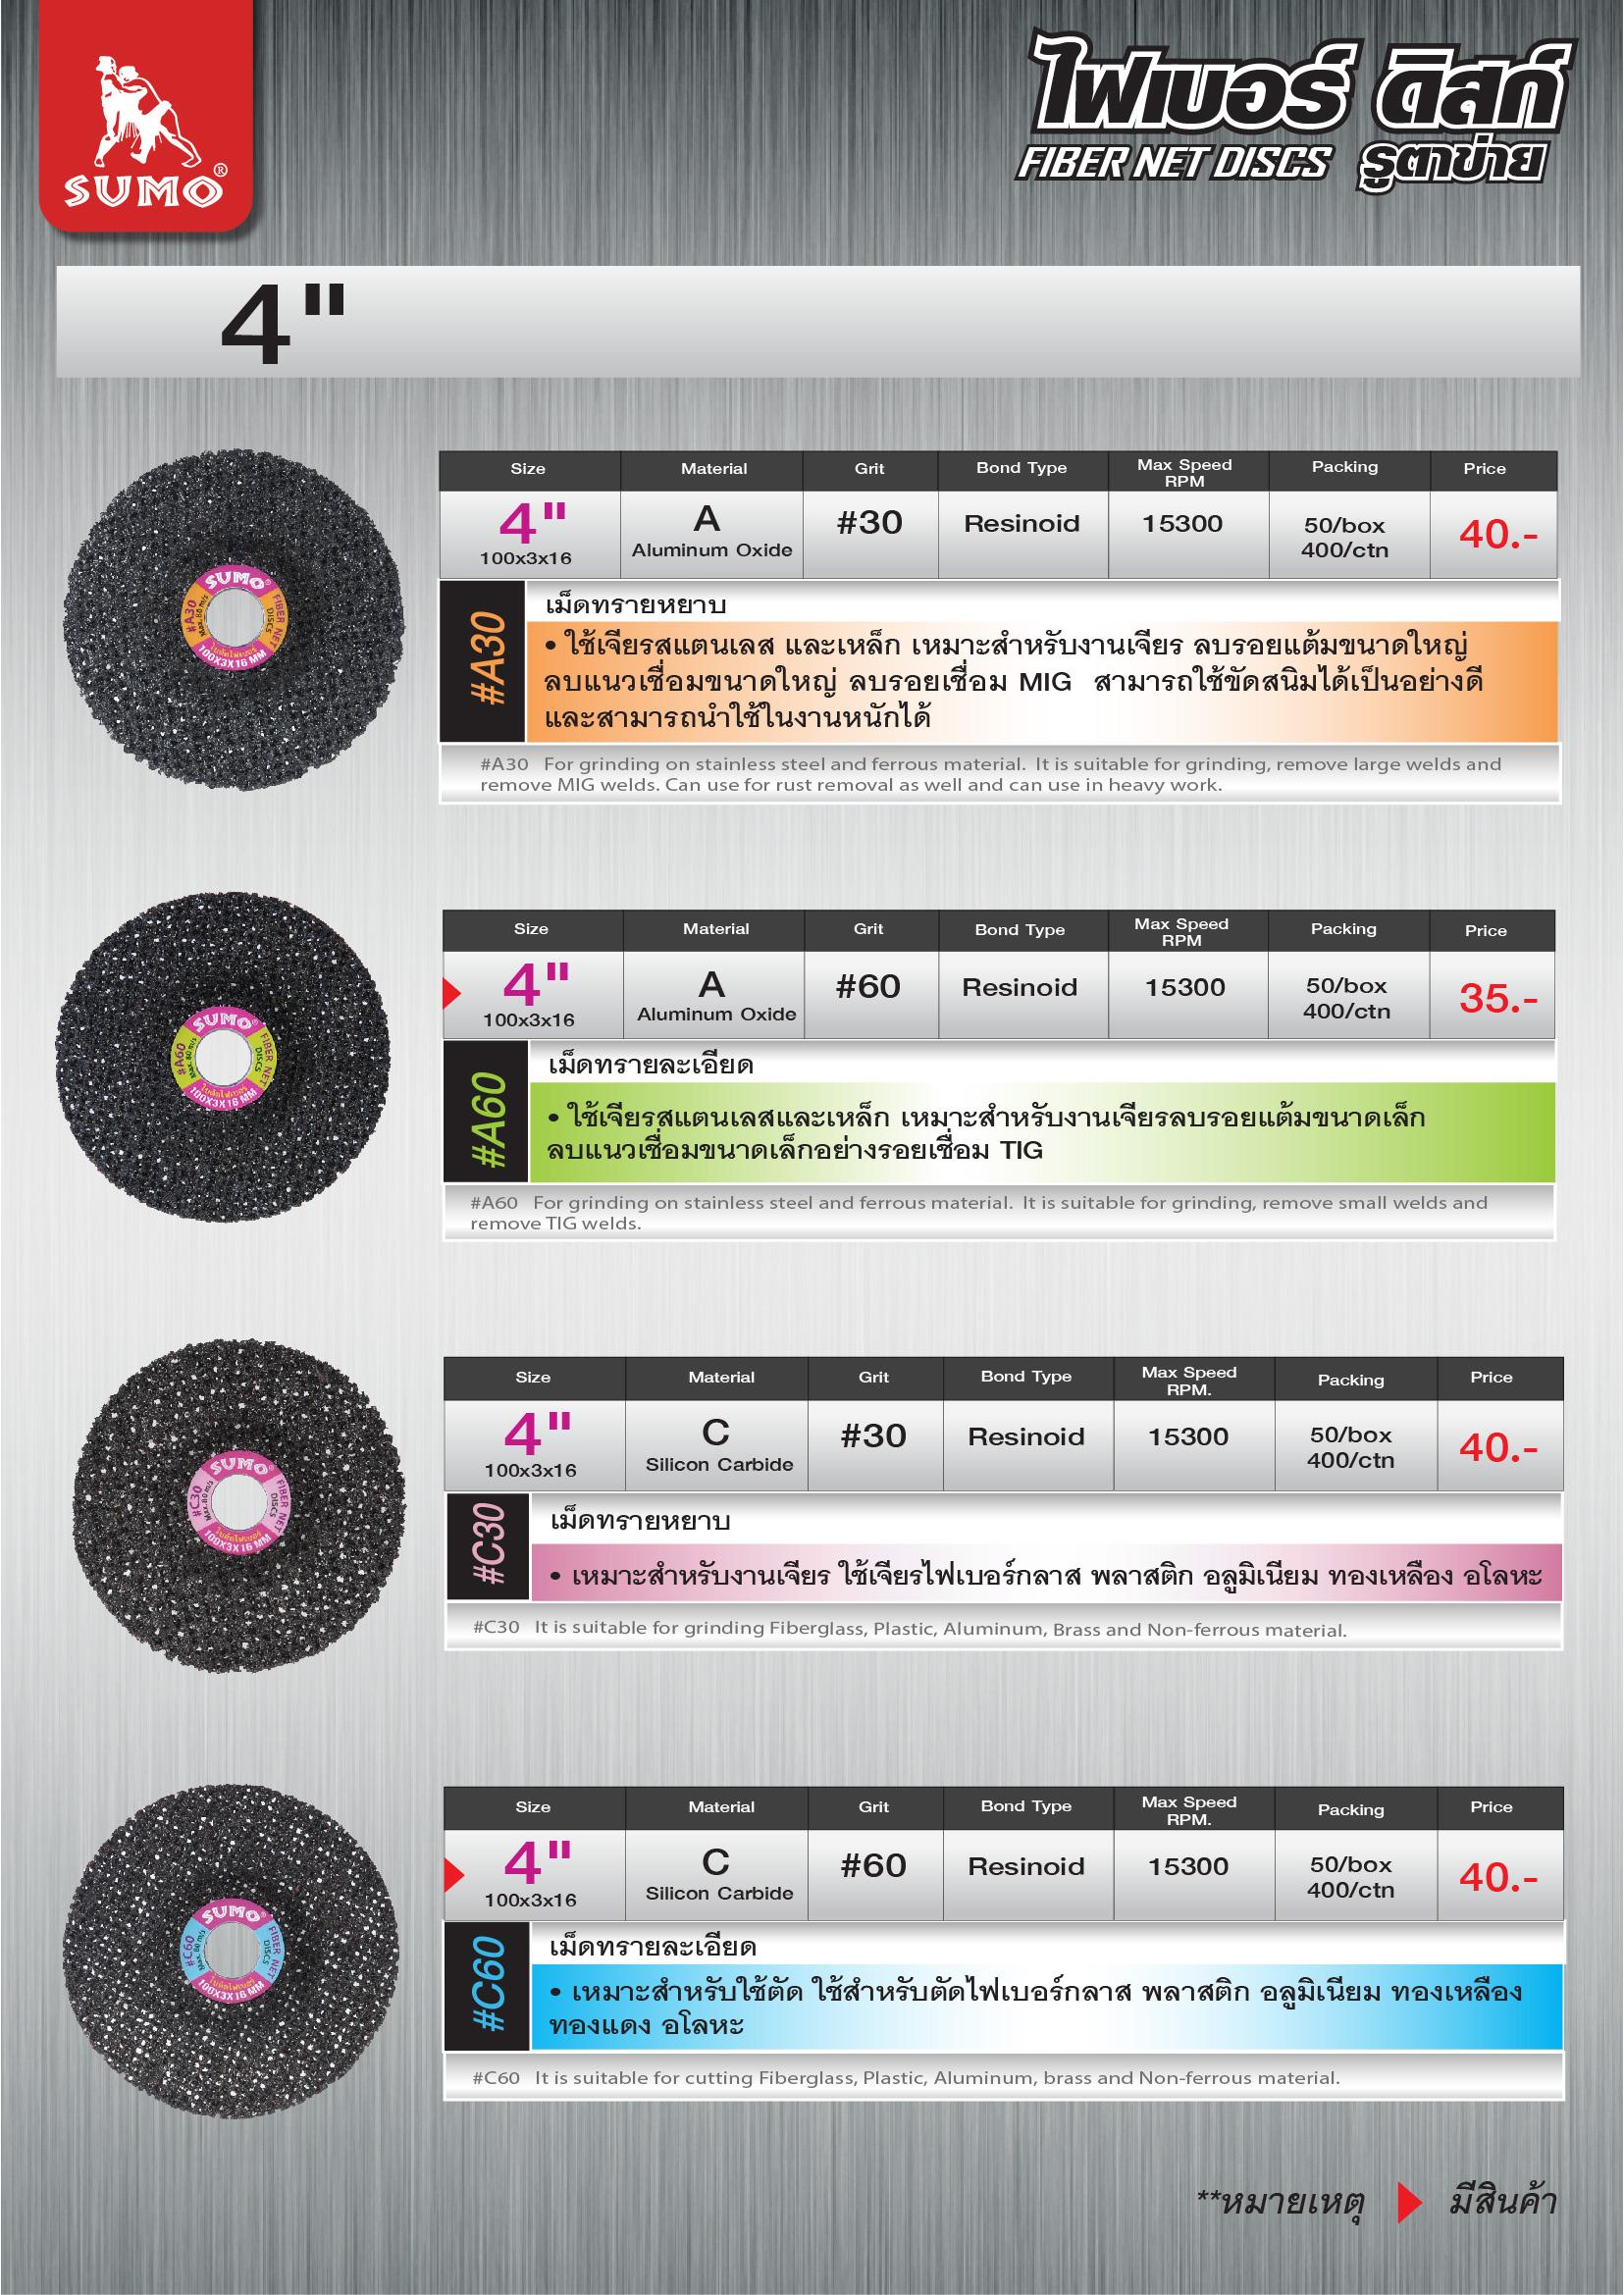 (2/164) ไฟเบอร์ ดิสก์ - Fiber Net Discs